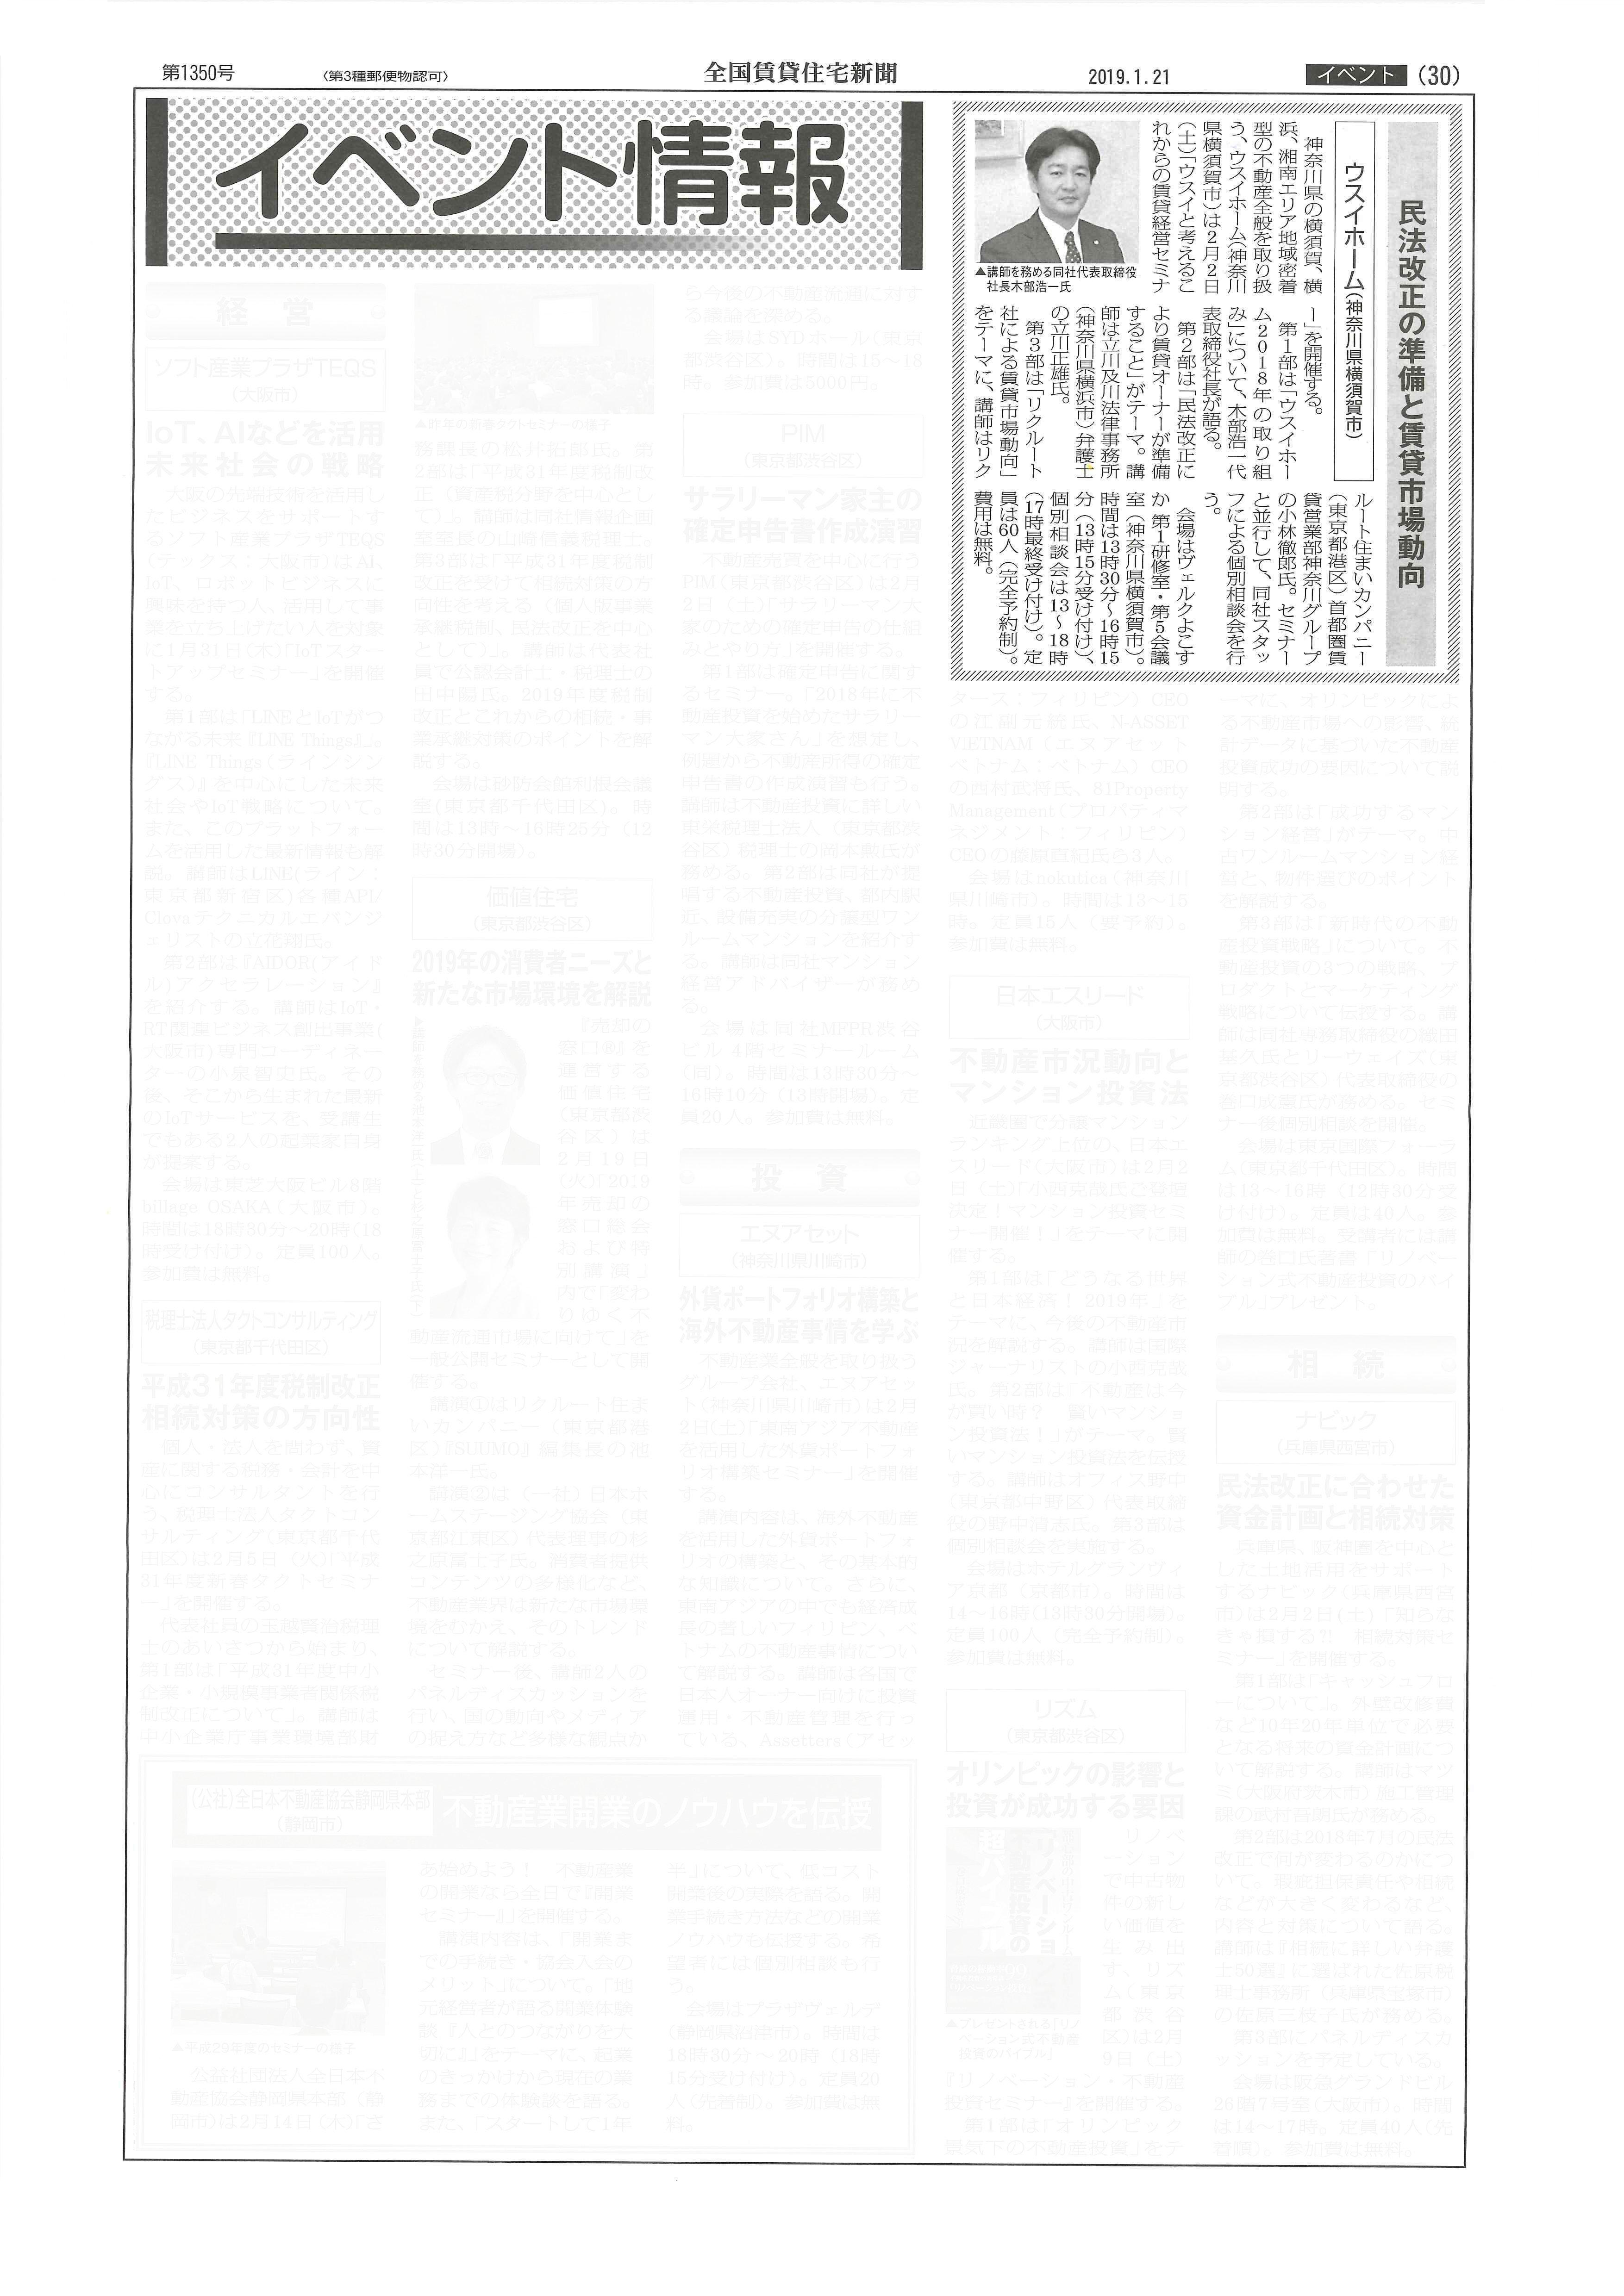 2019.01.21_全国賃貸住宅新聞_オーナー向けセミナー_不動産管理部